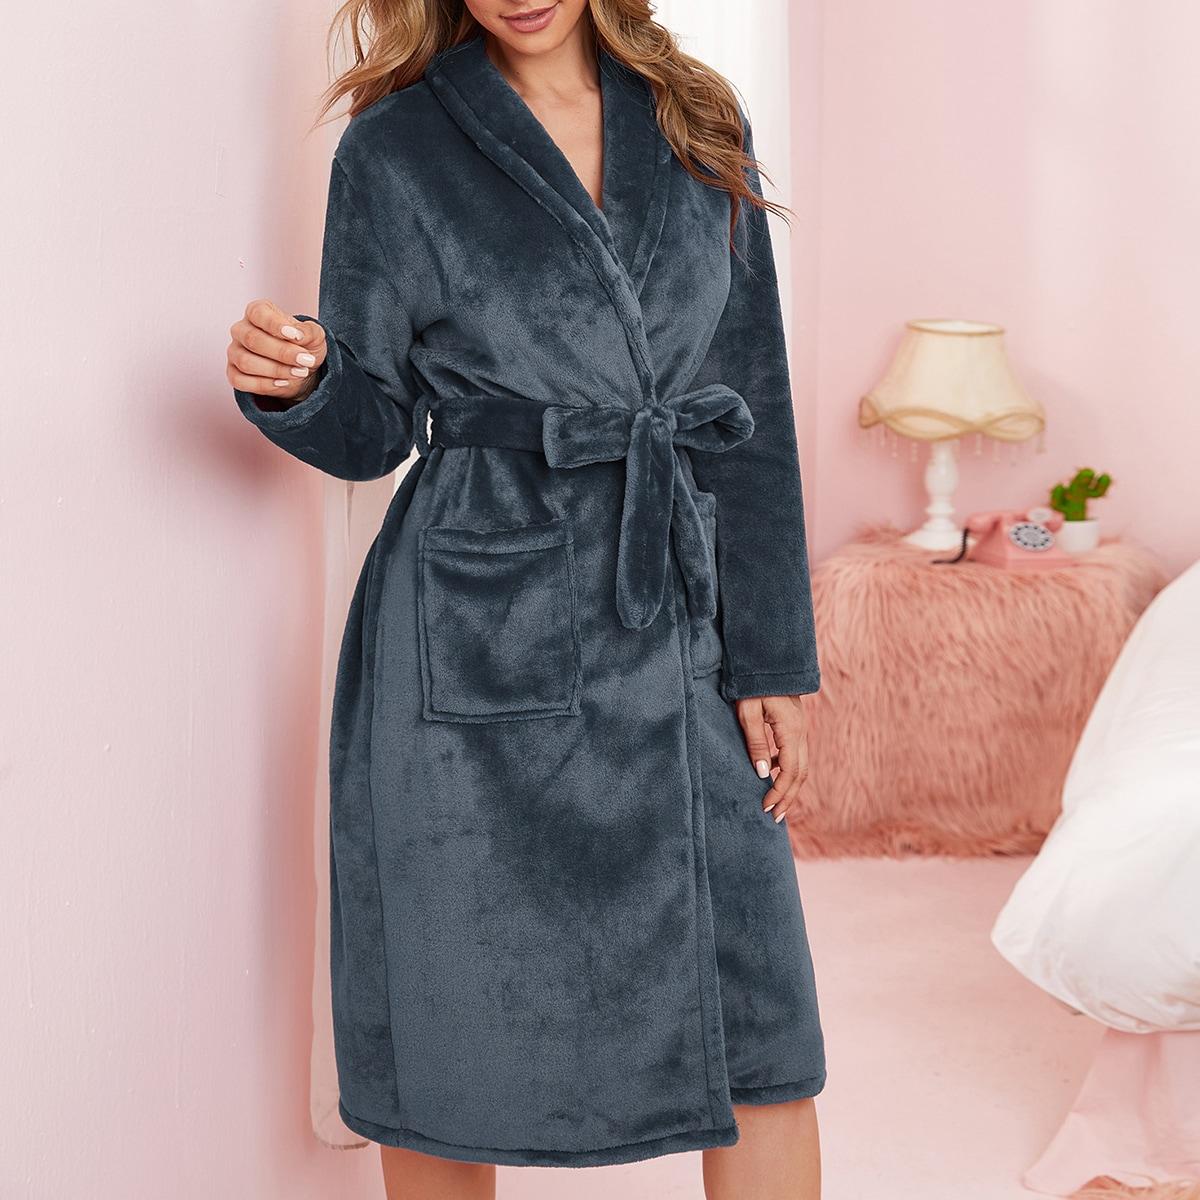 Фланелевый халат с поясом и карманами